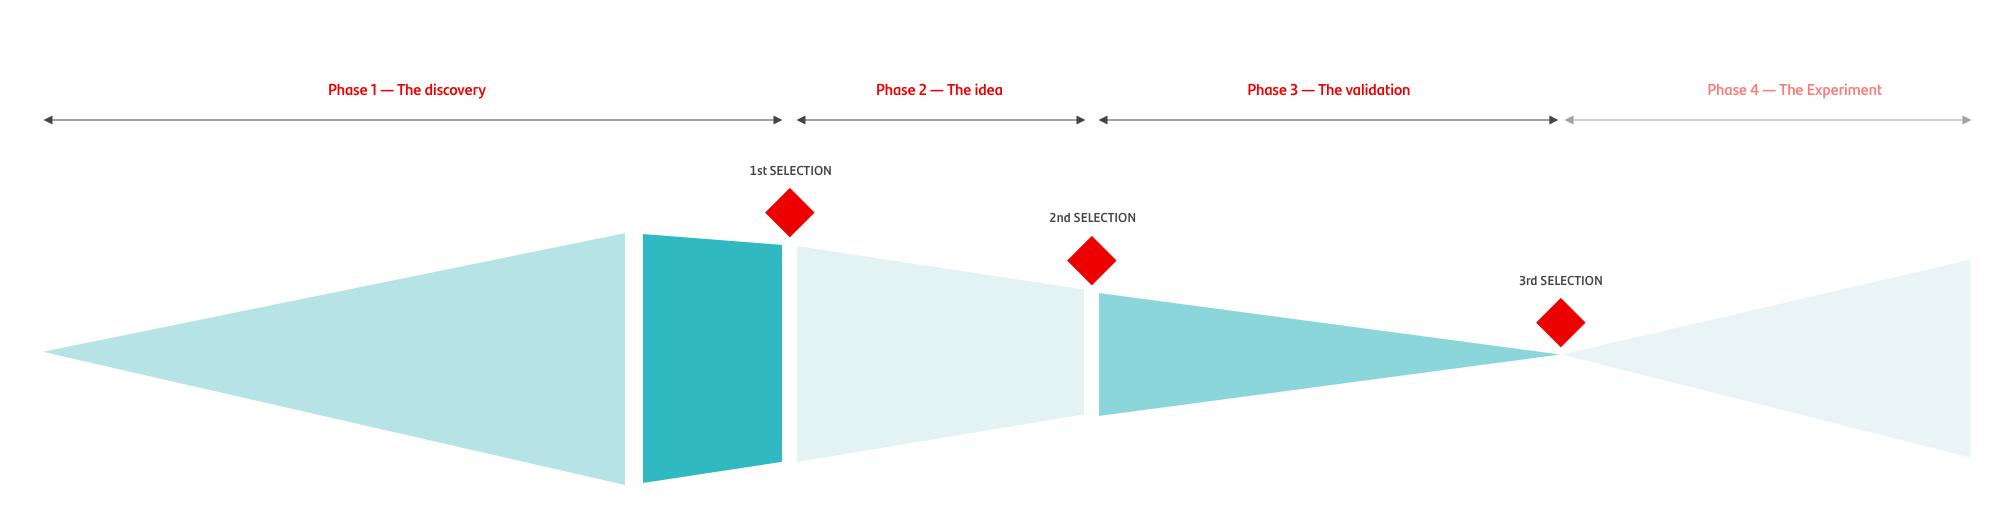 framework 4 phases INGLÉS.png